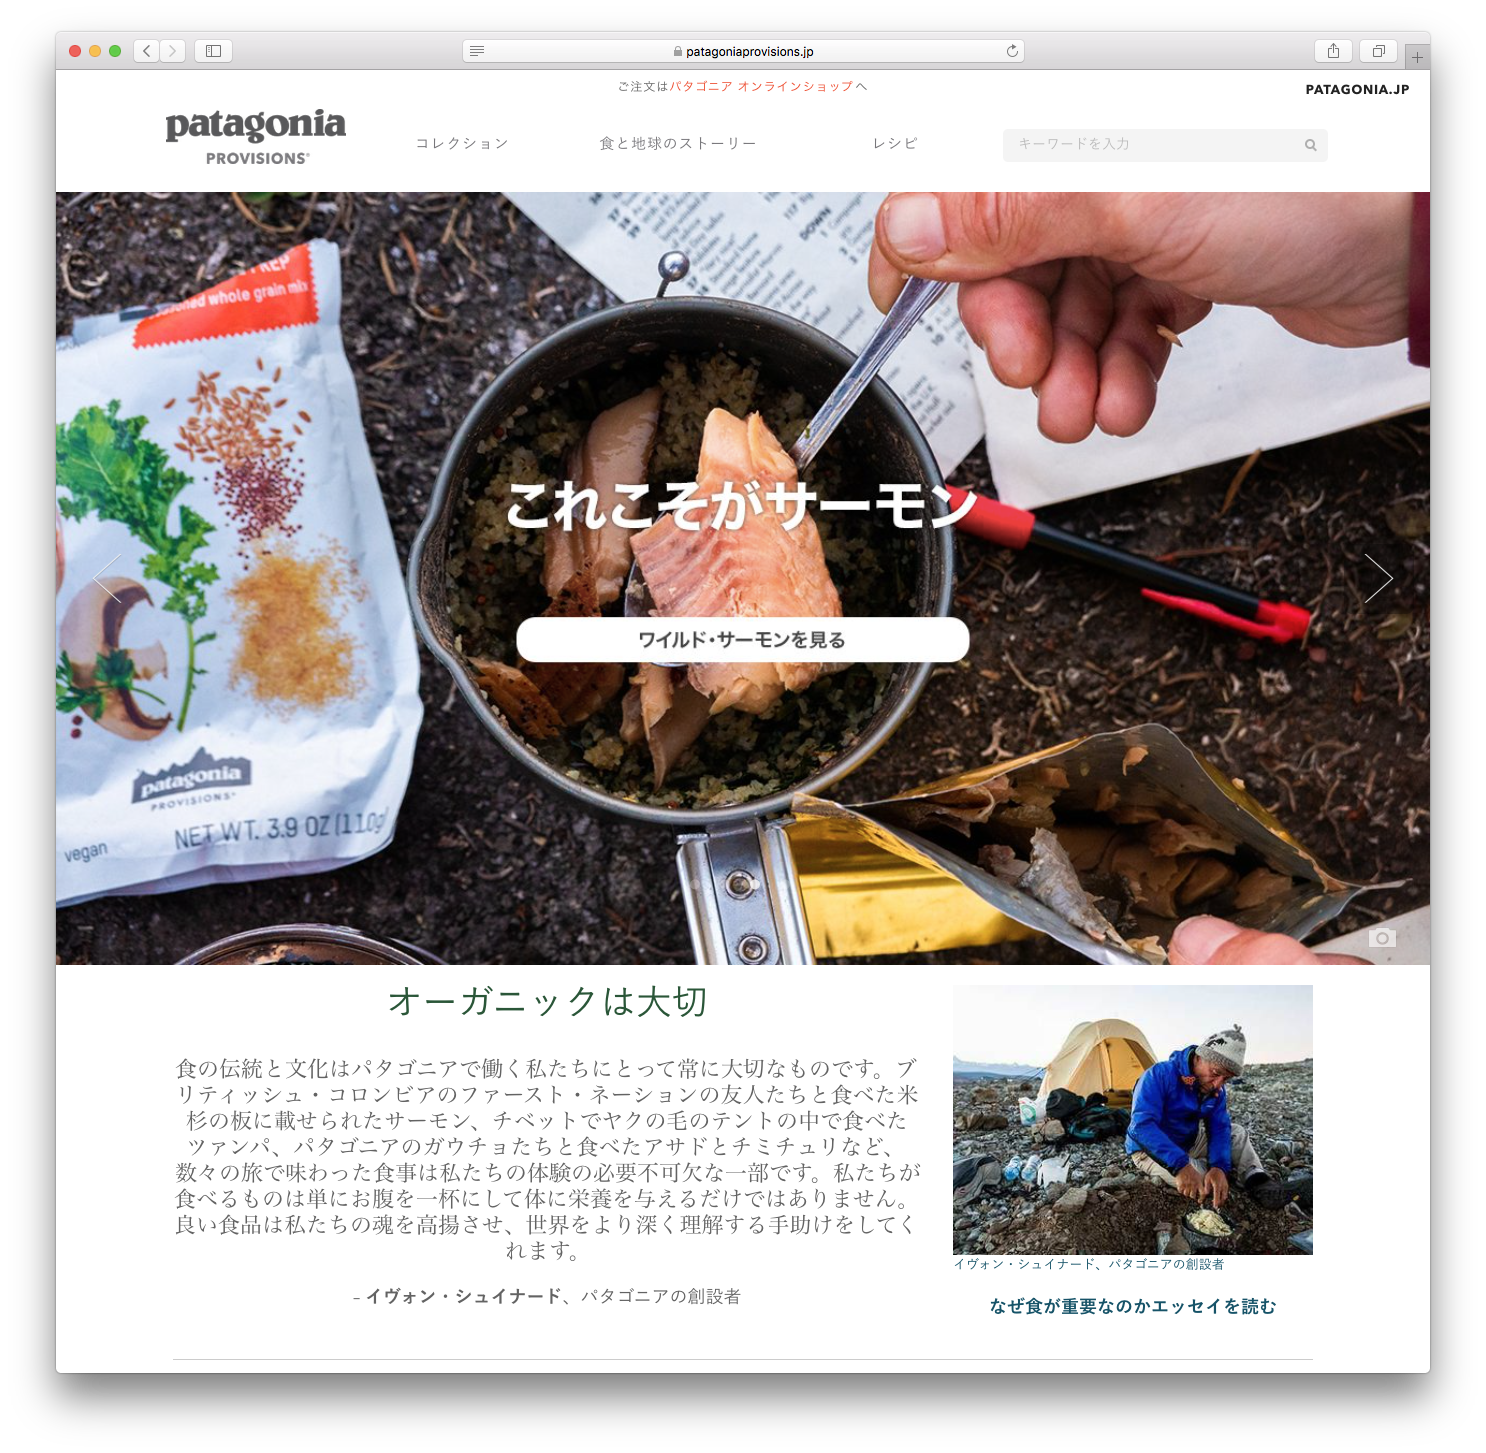 パタゴニアの食品事業「パタゴニア プロビジョンズ」サイトオープン